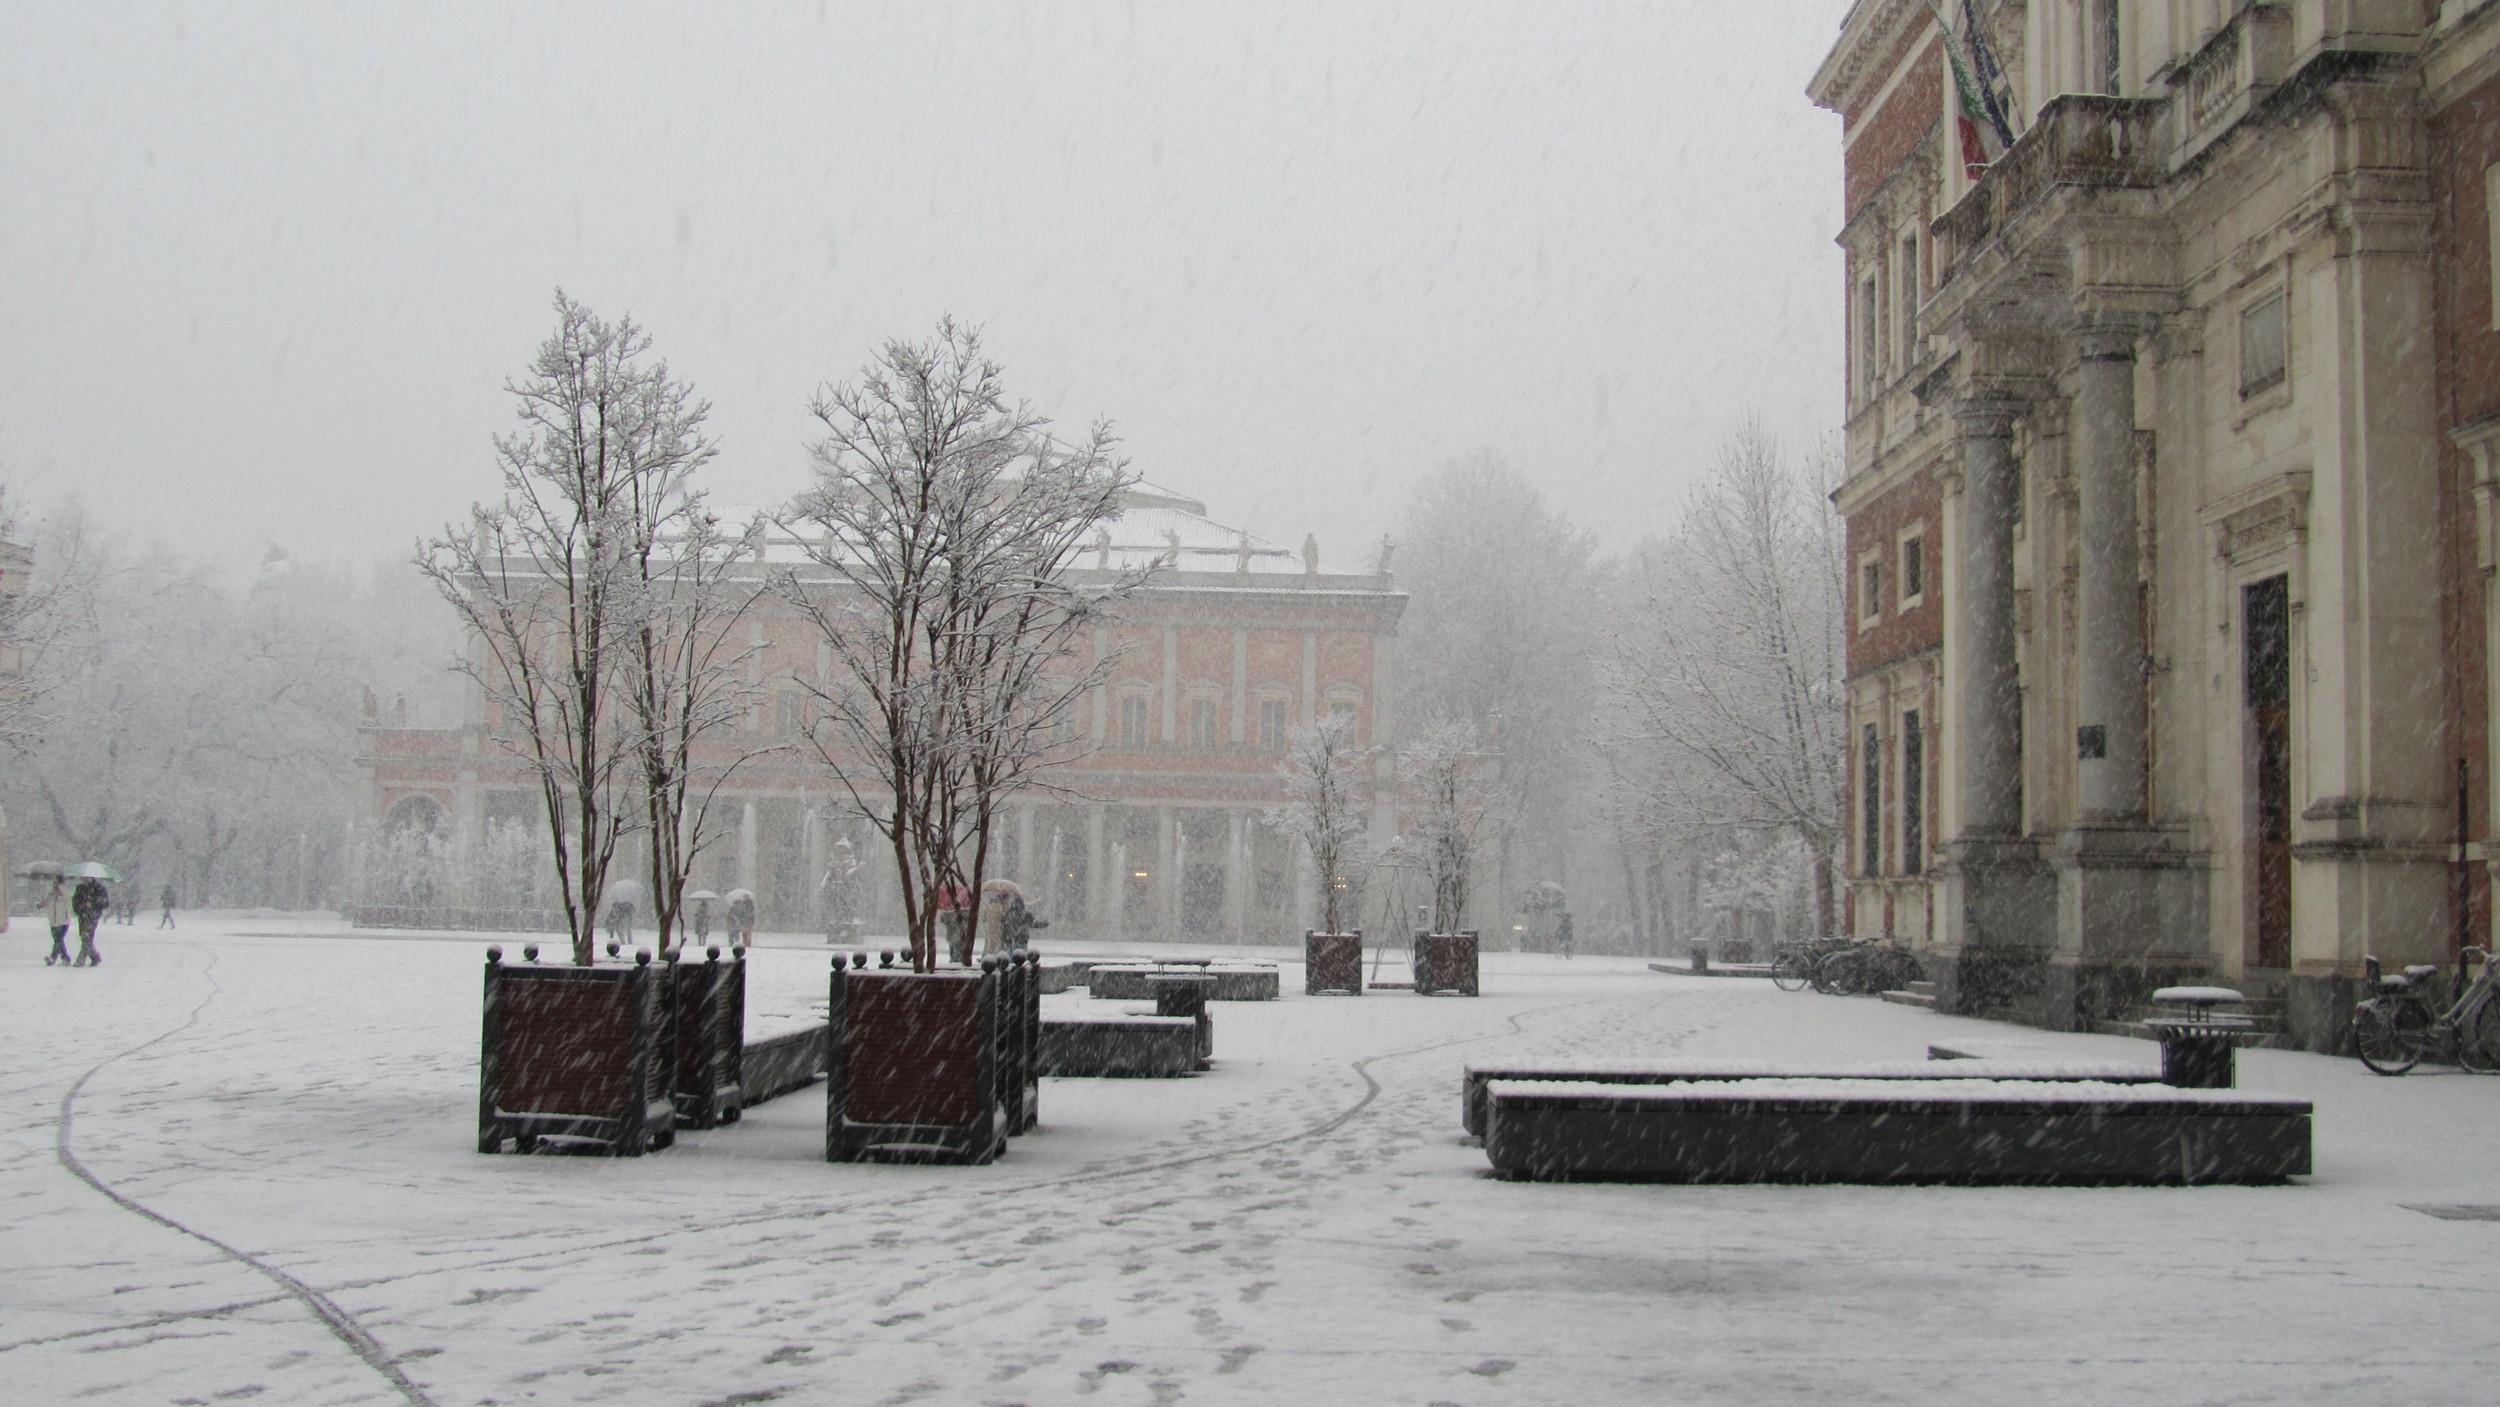 Reggio Emilia bajo la nieve.